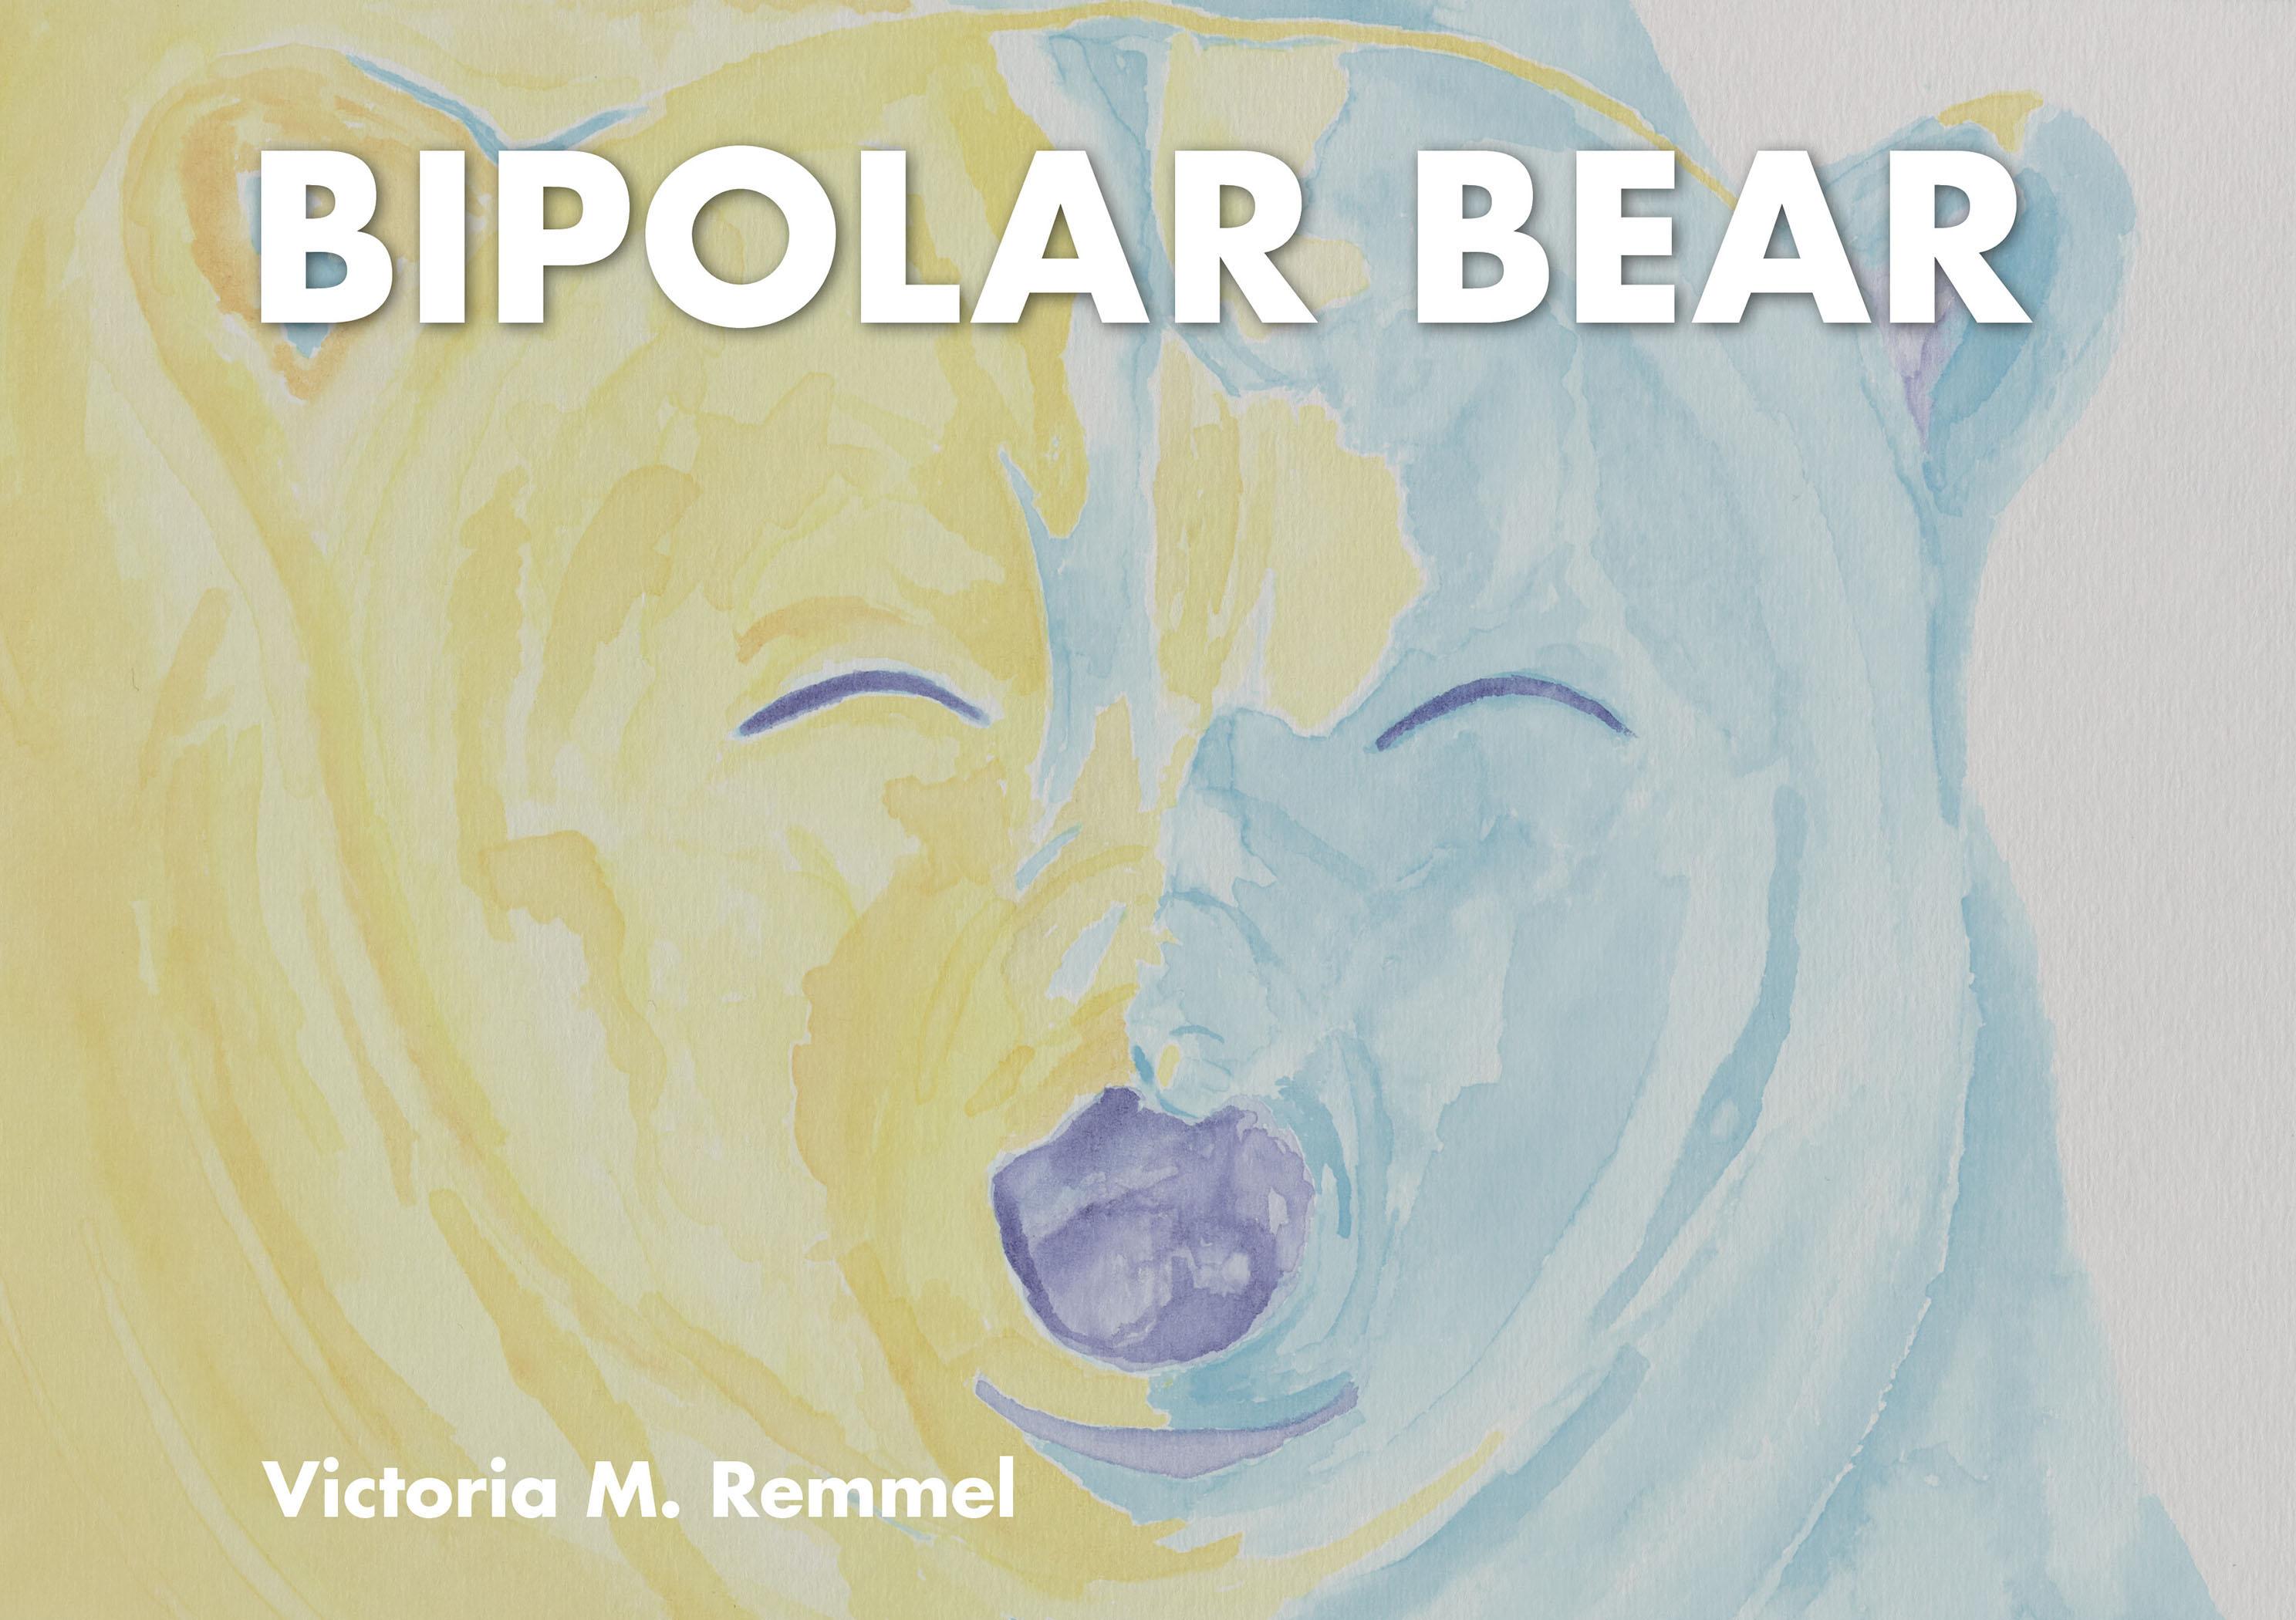 BIPOLAR BEAR